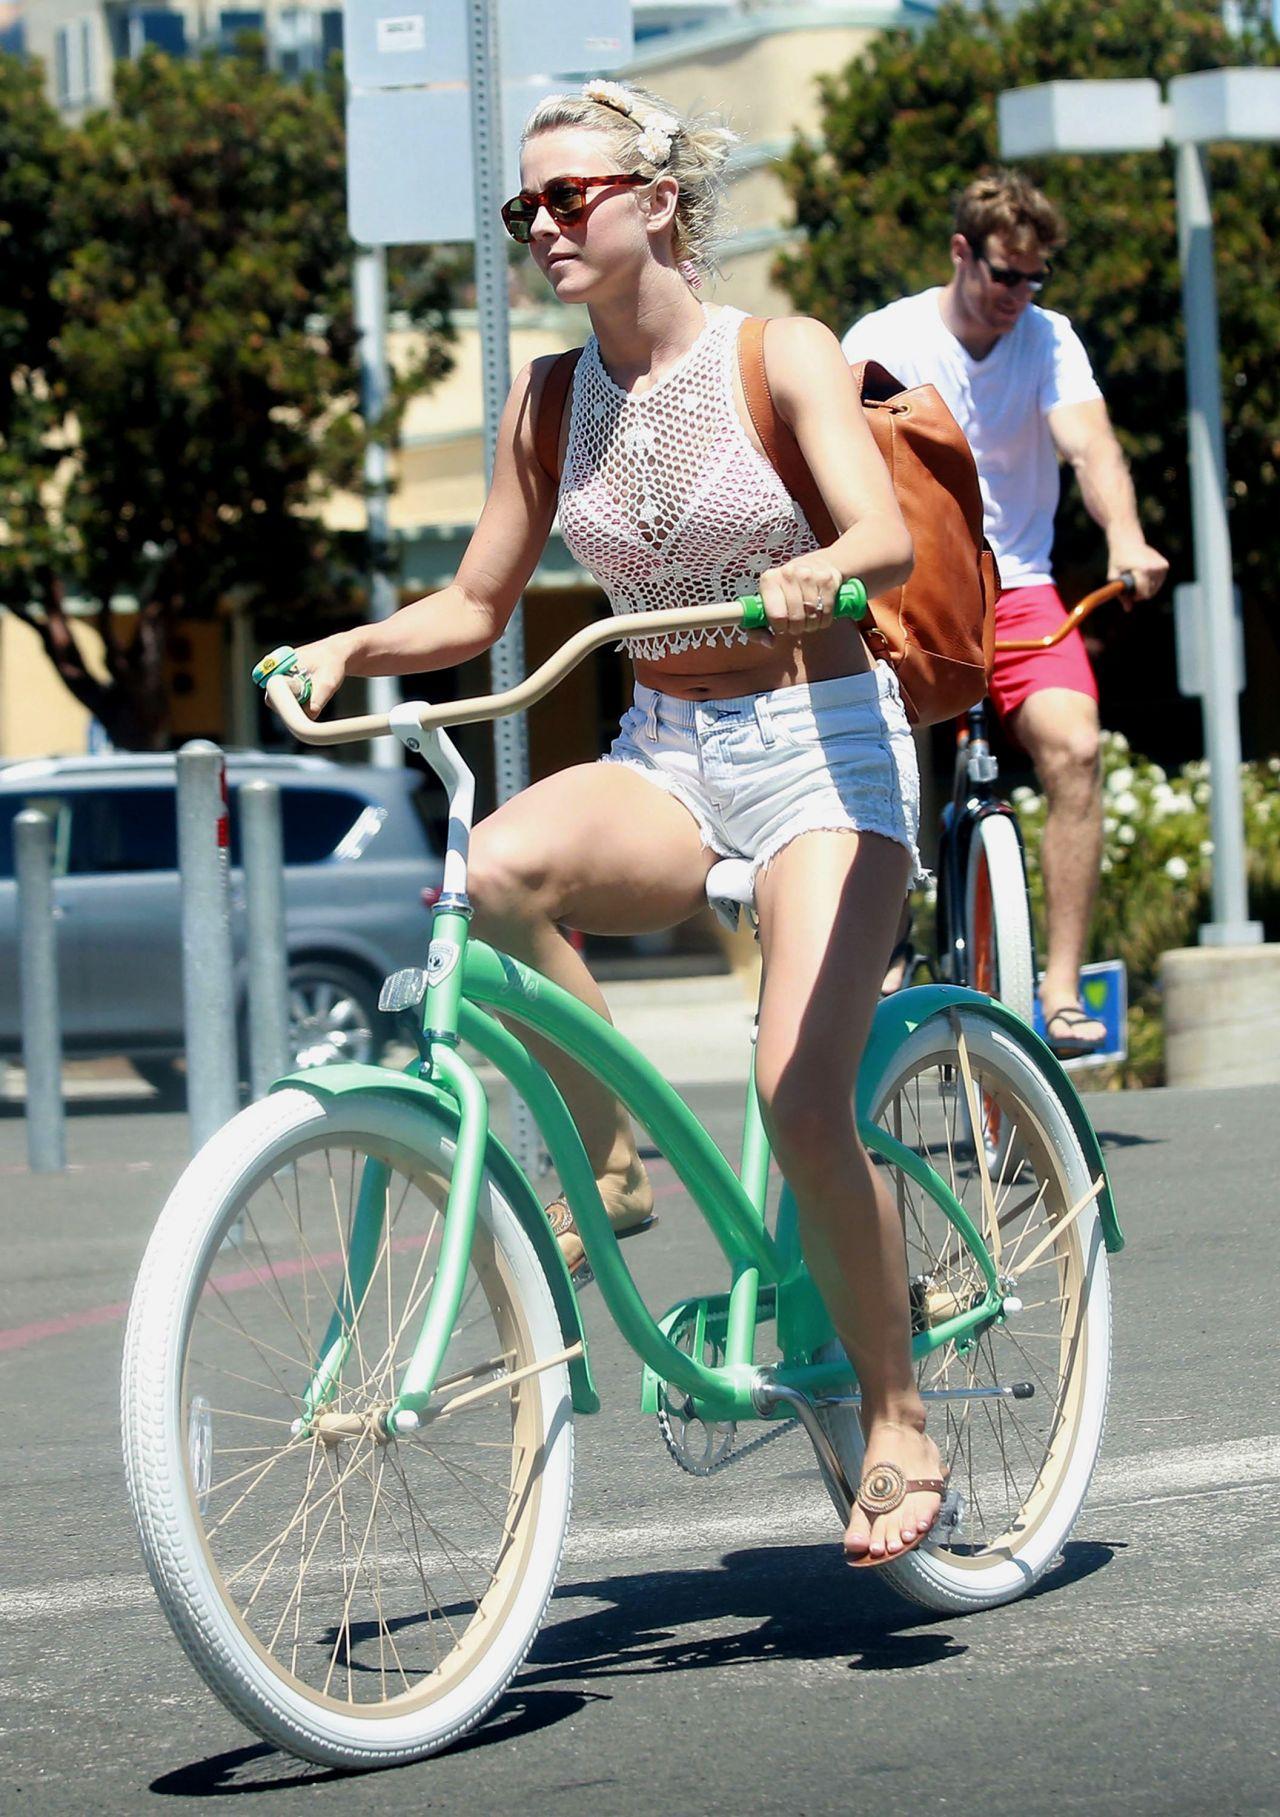 Julianne Hough in a Bikini  Riding a Bike in Manhattan